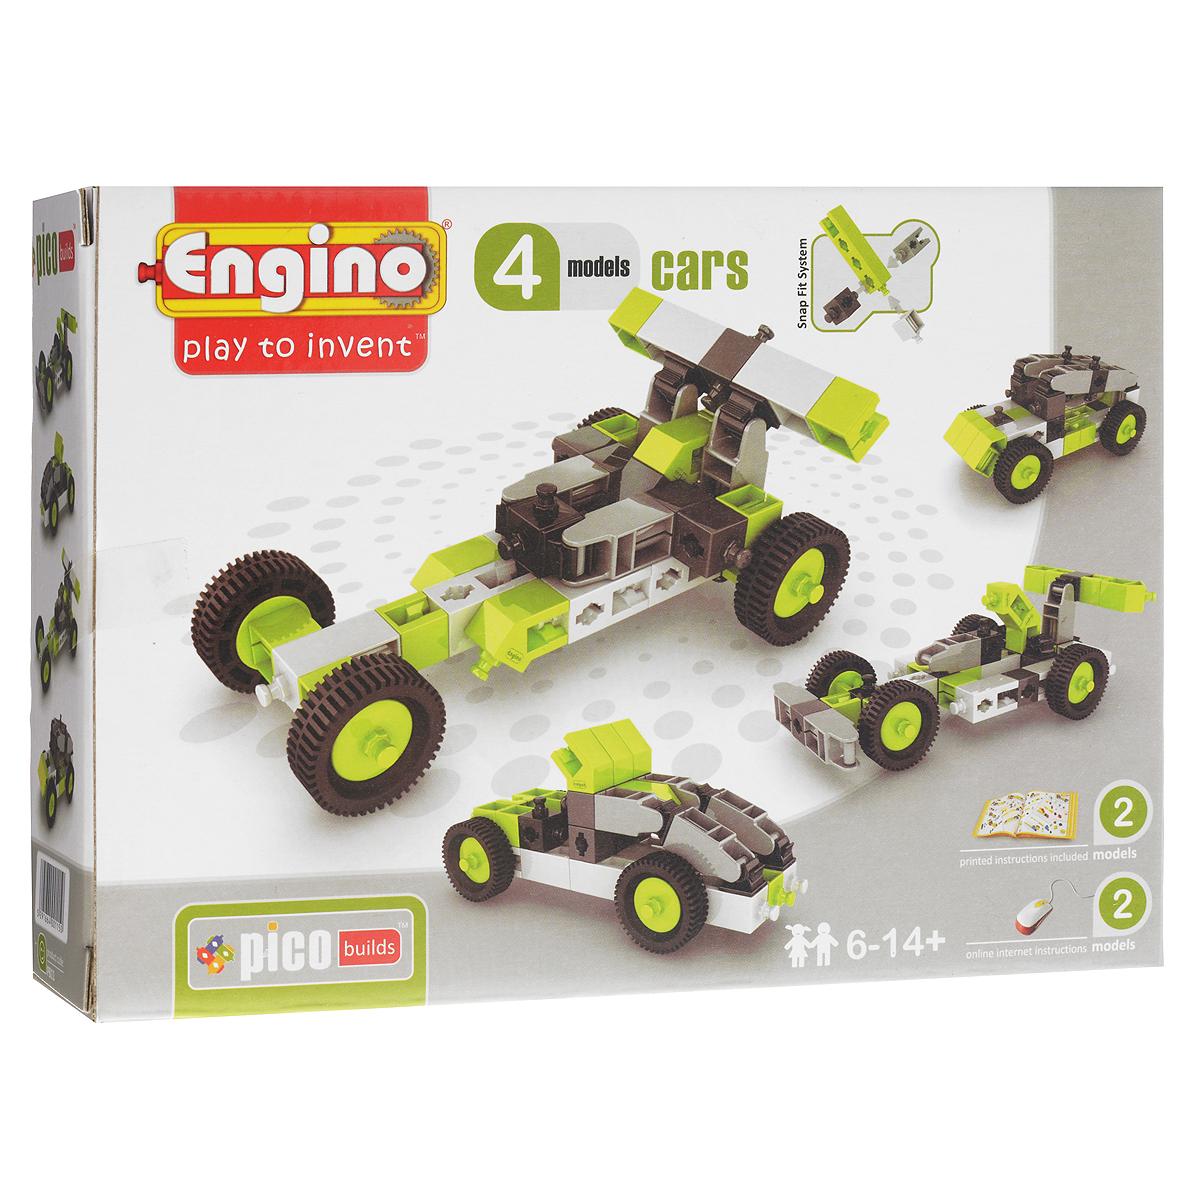 Engino Конструктор Cars 4 models